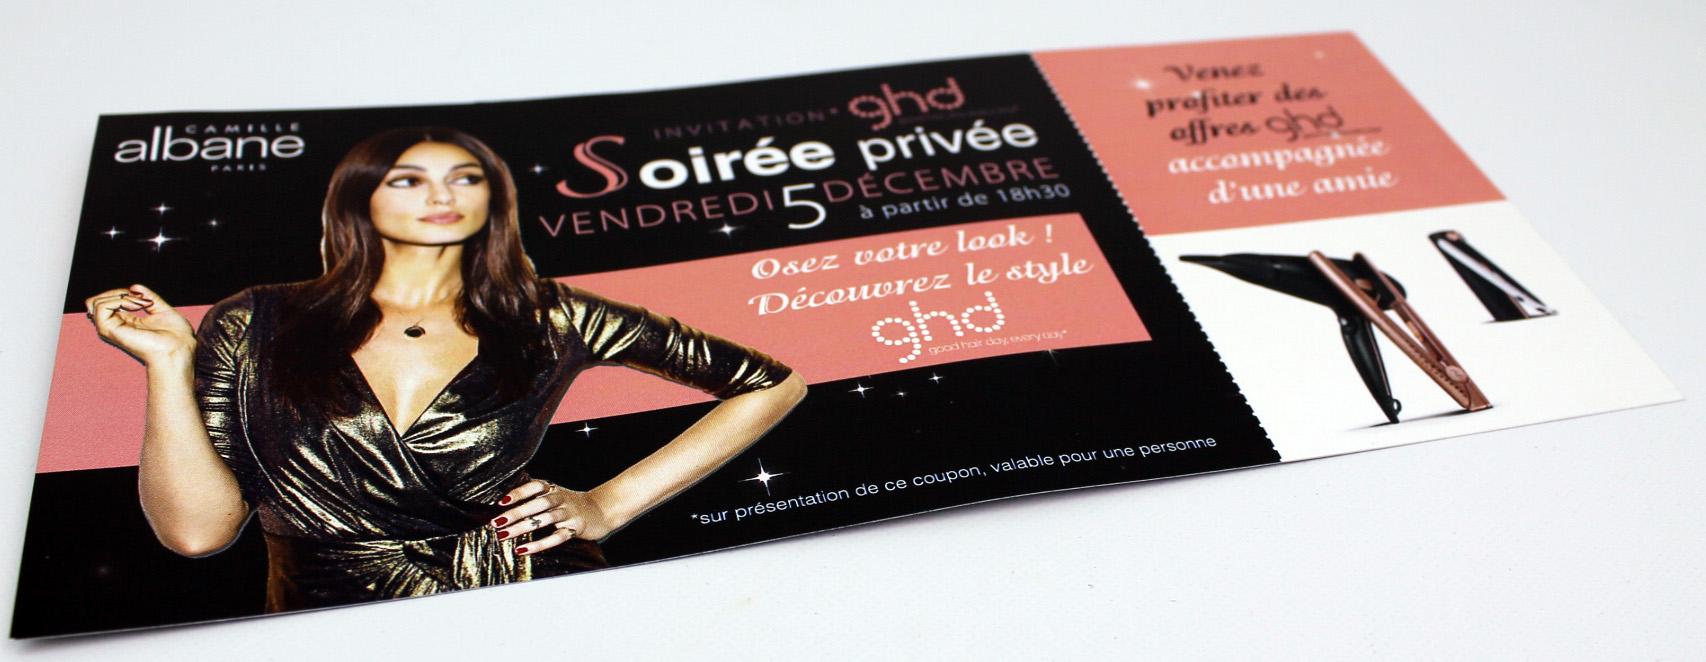 invitation soirée privé Camille Albane Bourges